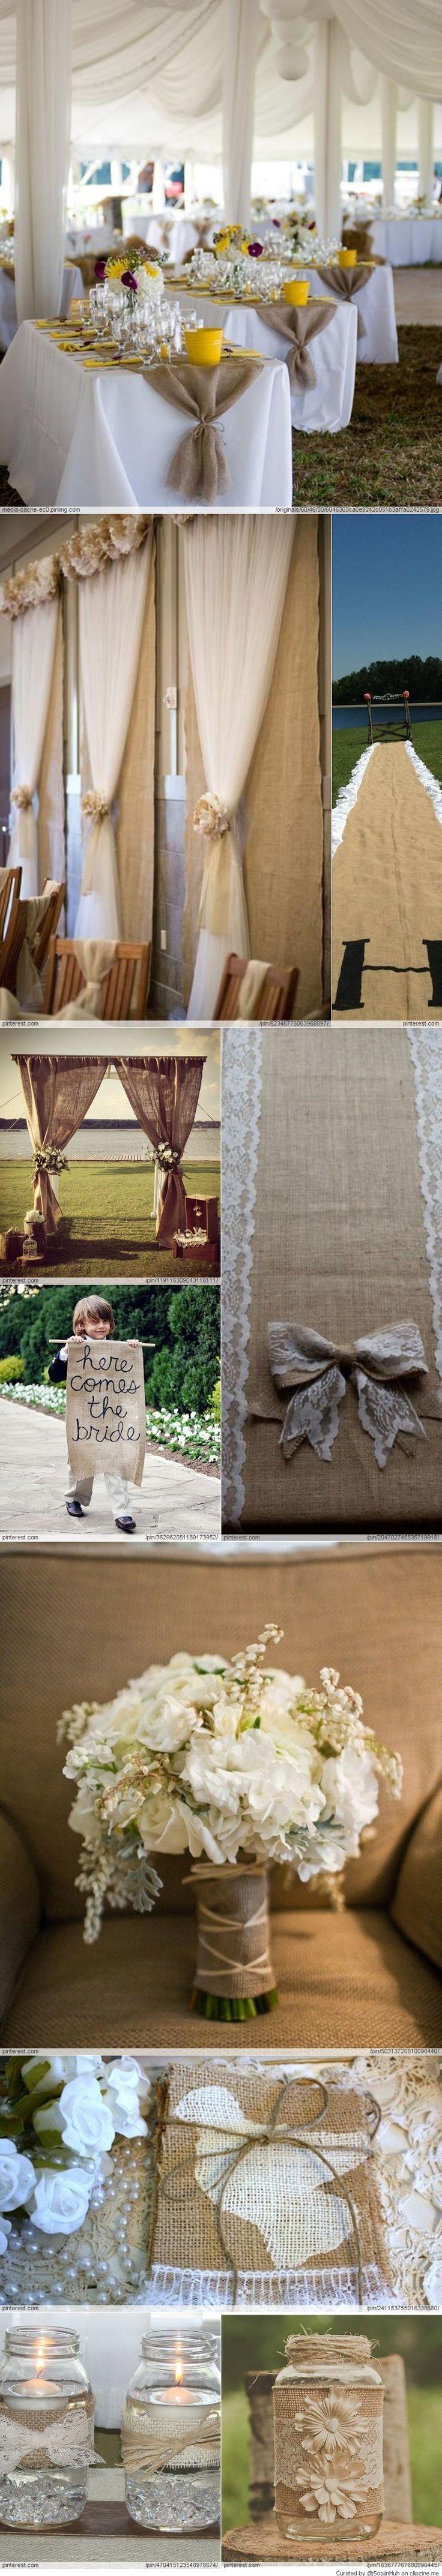 Burlap Wedding Ideas.... les  couleurs... jaune taupe ou les tons marrons, et un peu de bleu gris... j'aime